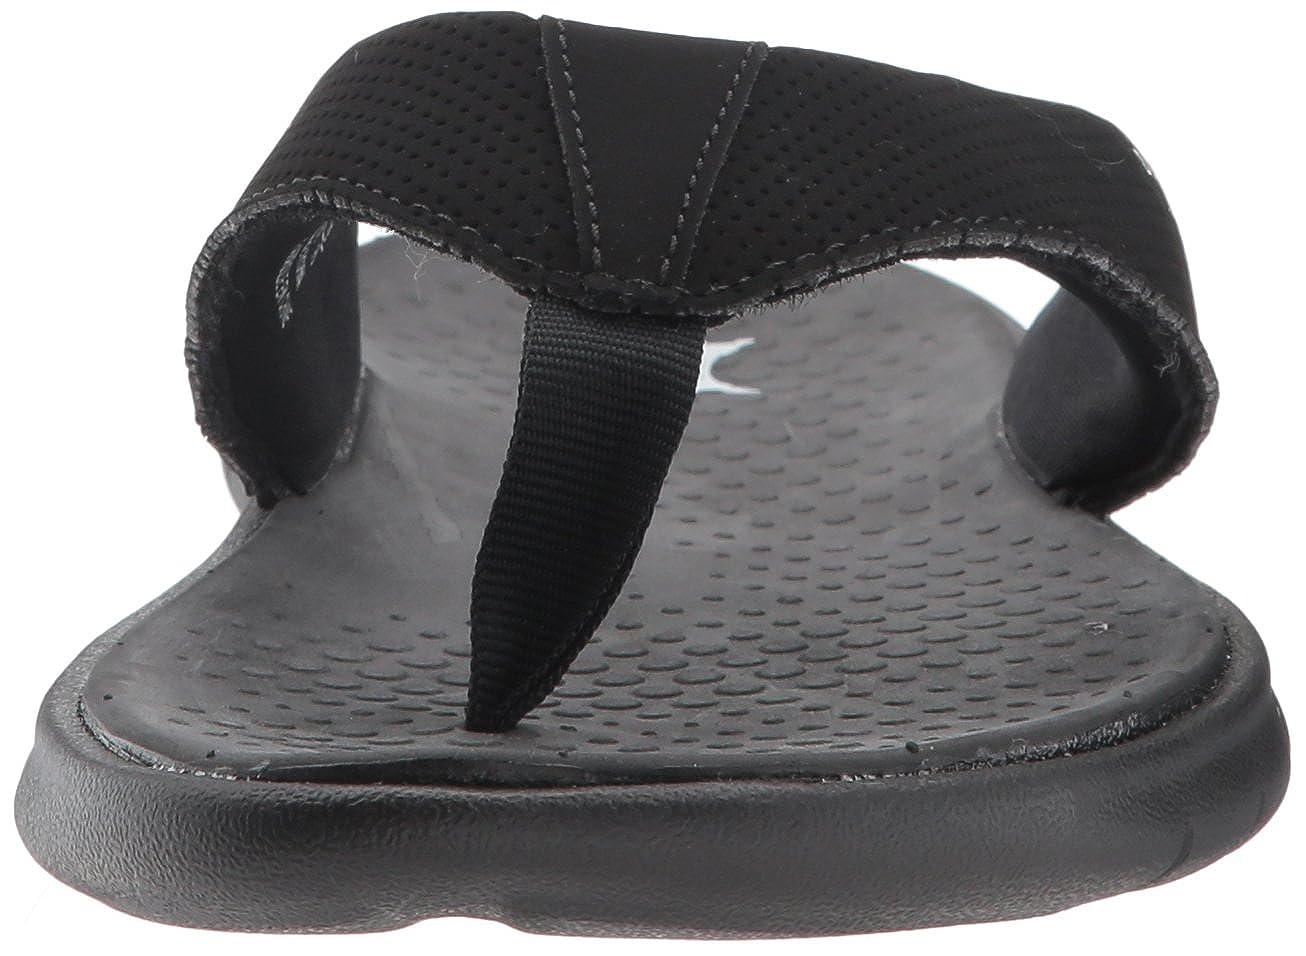 6d3db9b82f31 Amazon.com  Hurley Men s Flex 2.0 Flip-Flop  Shoes